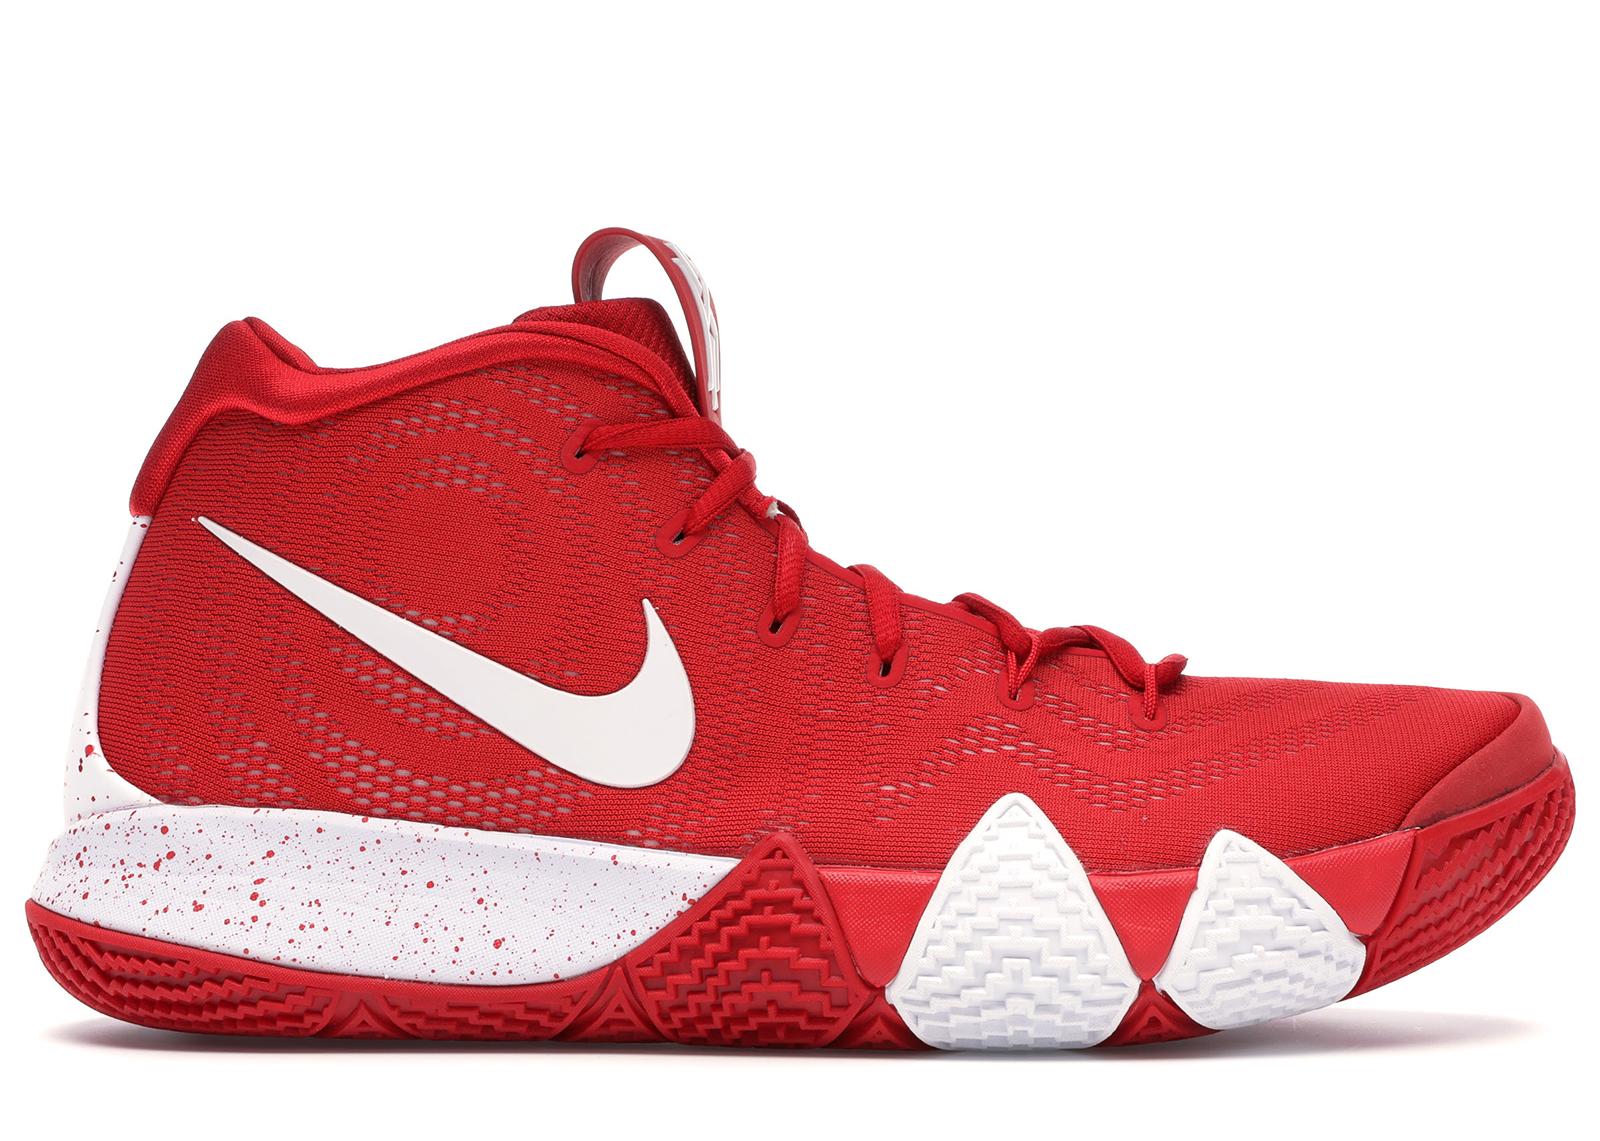 Nike Kyrie 4 University Red - AV2296-600